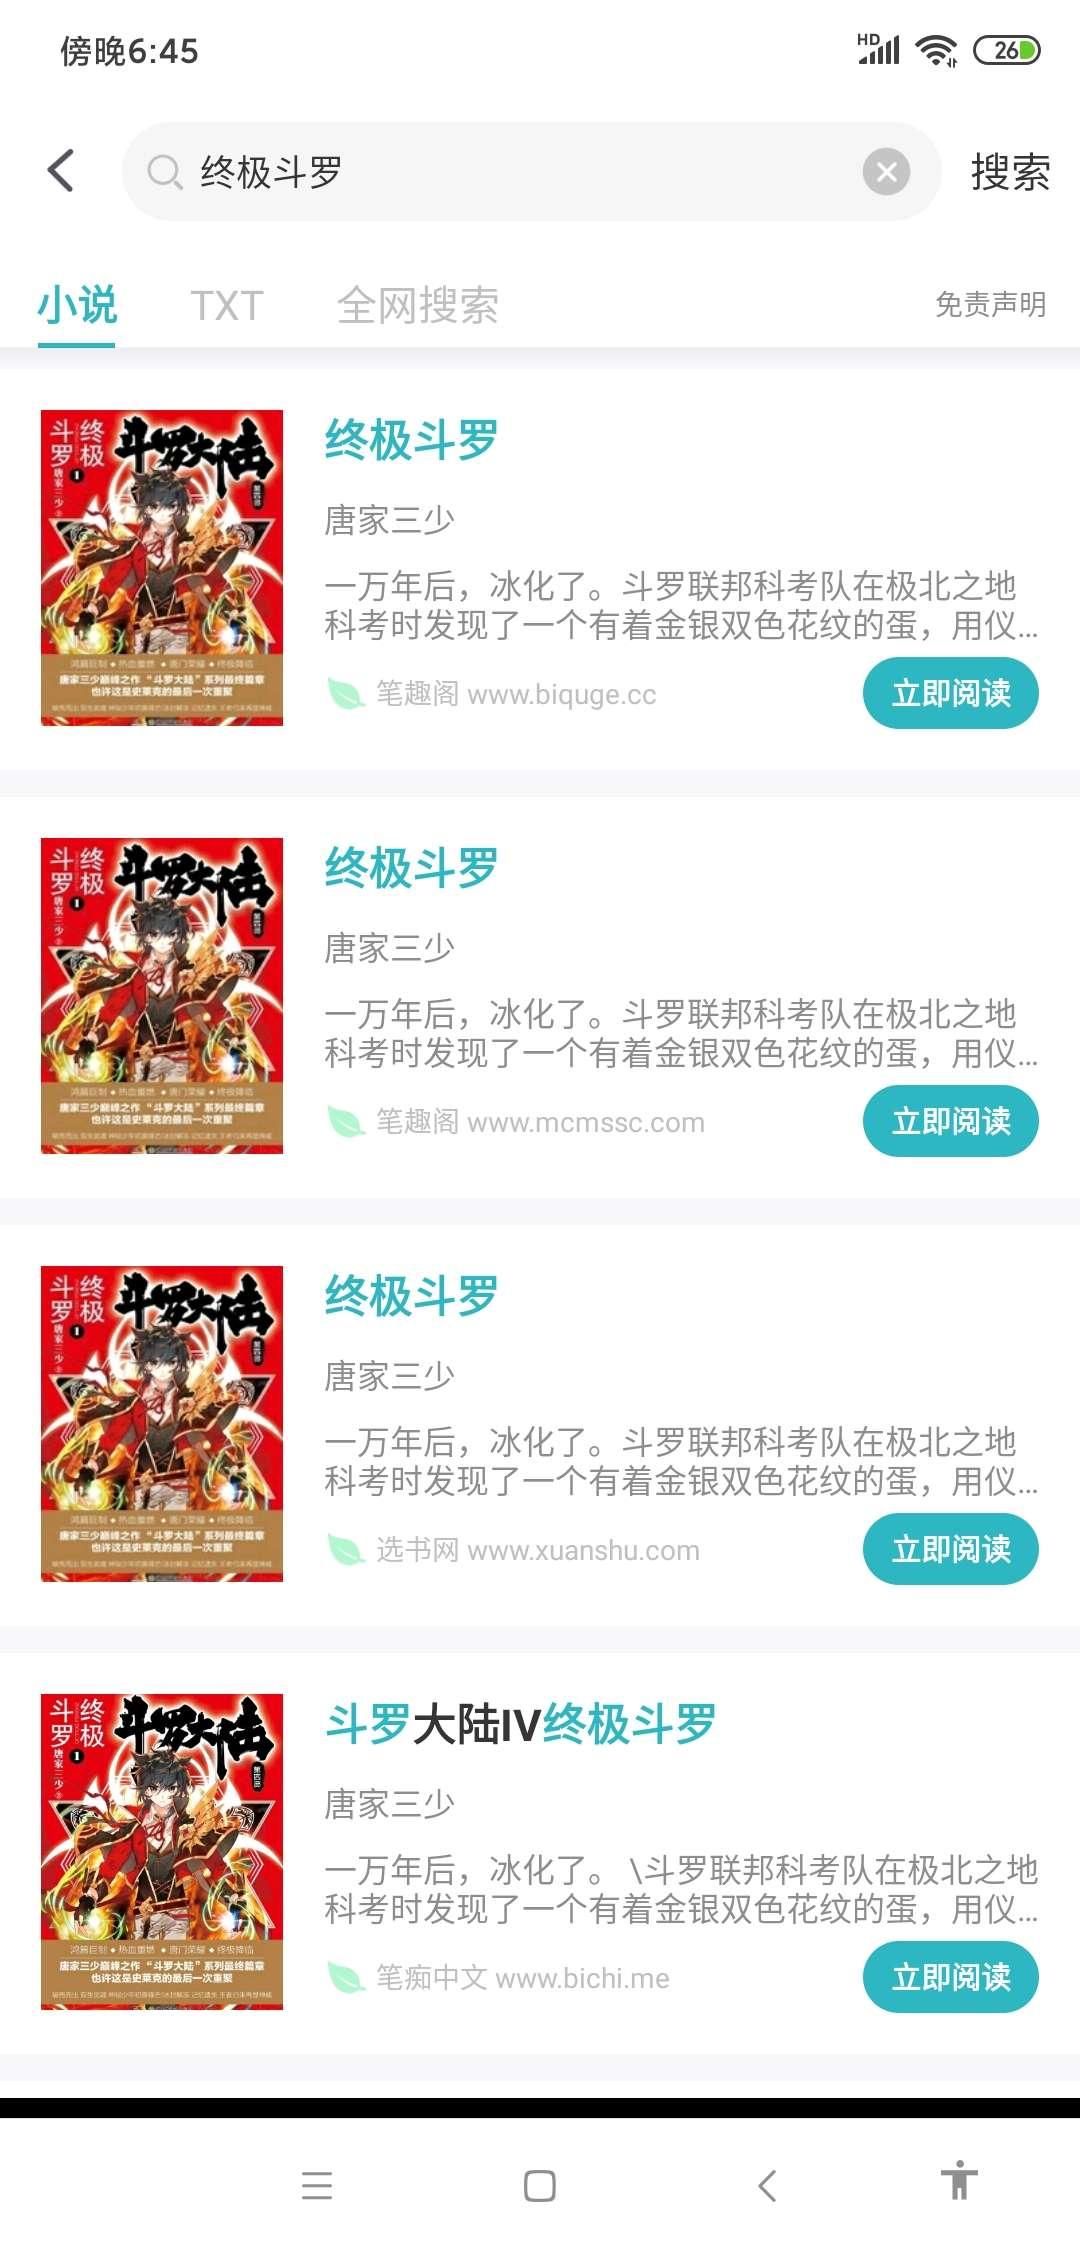 【分享】小说追书大全去广告版 影视/漫画/小说都可以免费看-爱小助